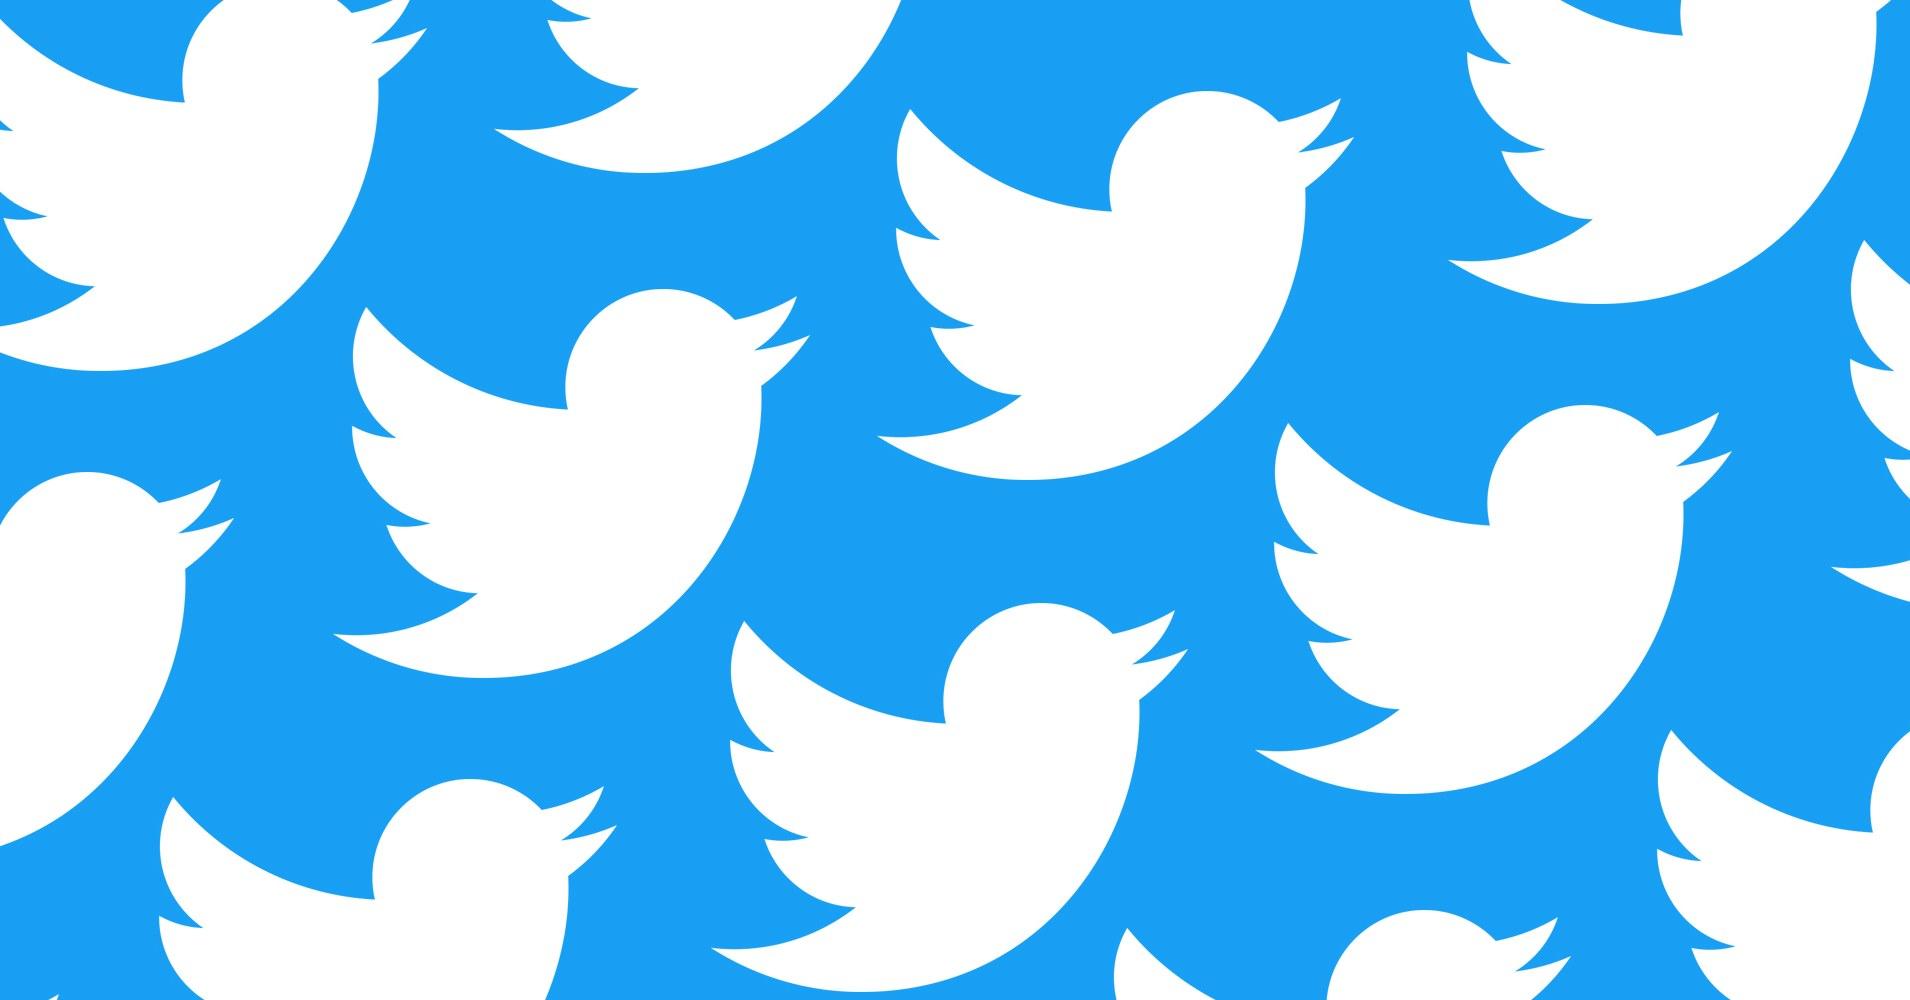 ट्वीटरमा राजनीतिक प्रचार गर्न नपाइने